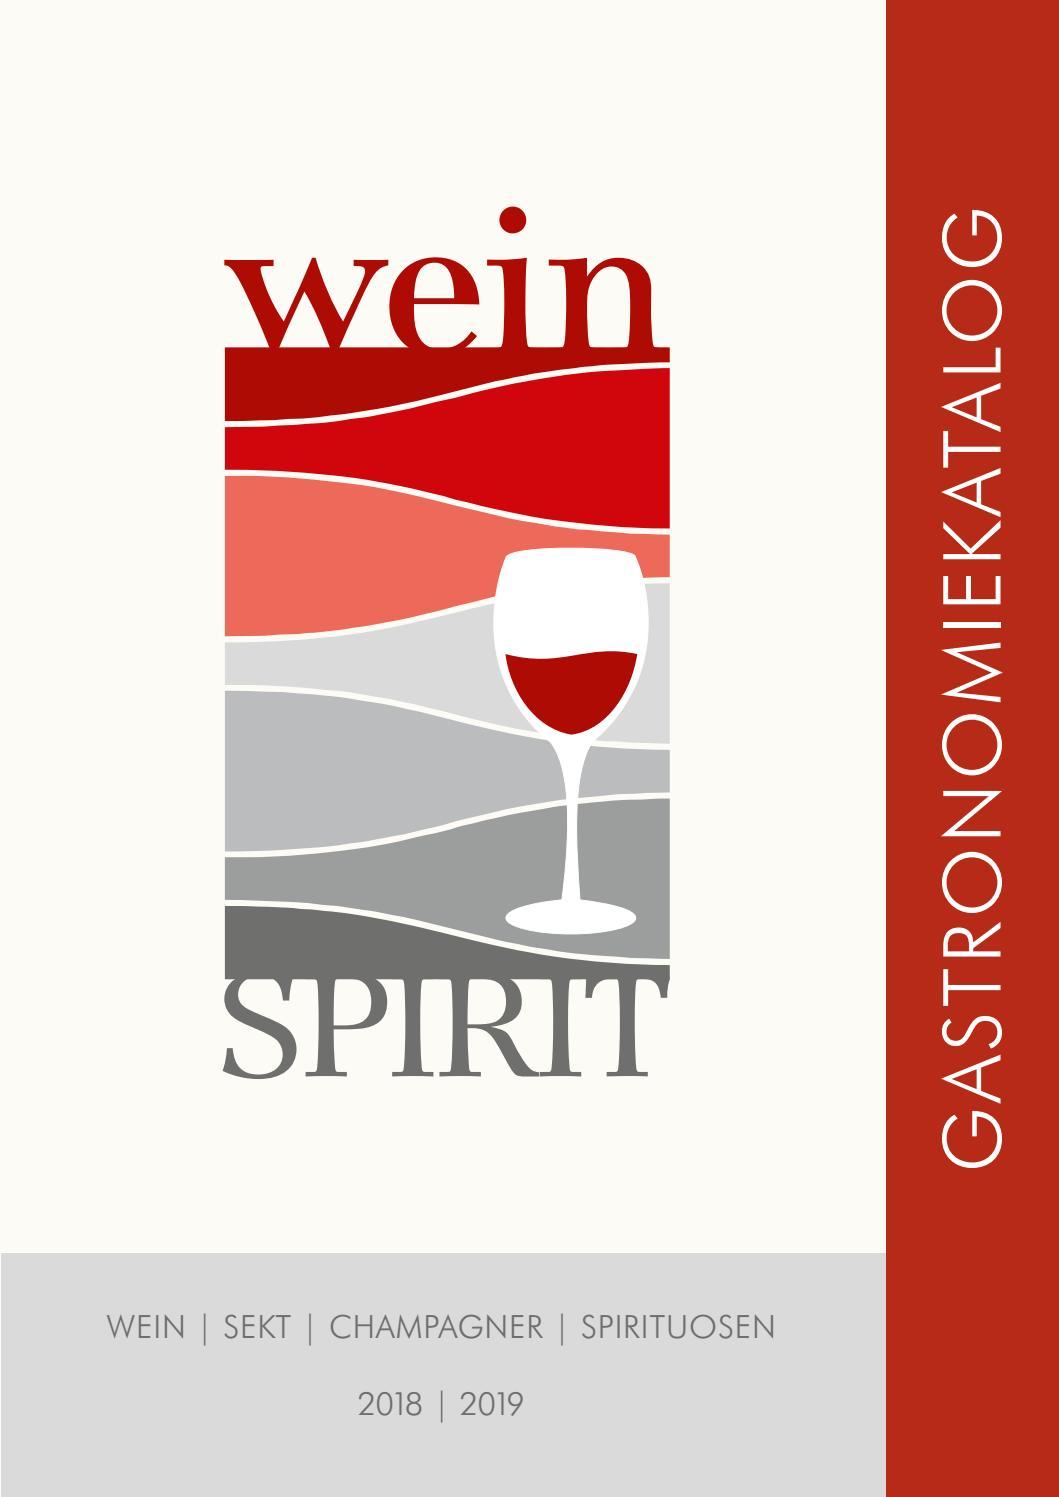 Gastrokatalog 2018 / 2019 by Getränke Pfeifer GmbH - issuu